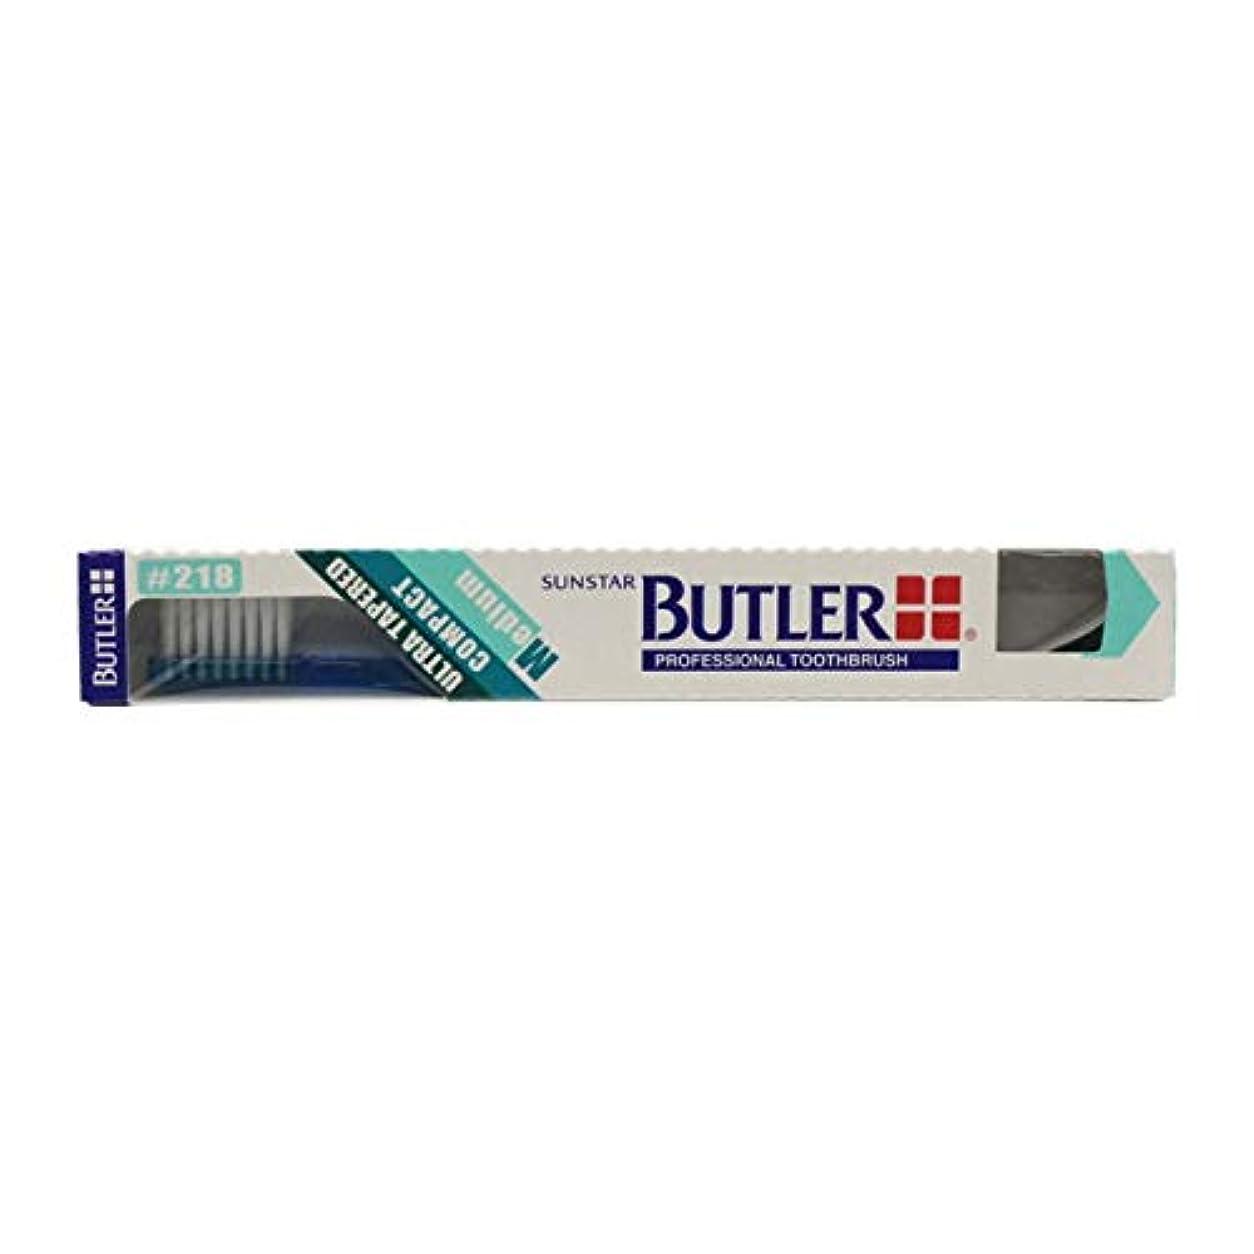 交渉する編集する大きなスケールで見るとサンスター バトラー 歯ブラシ #218 1本